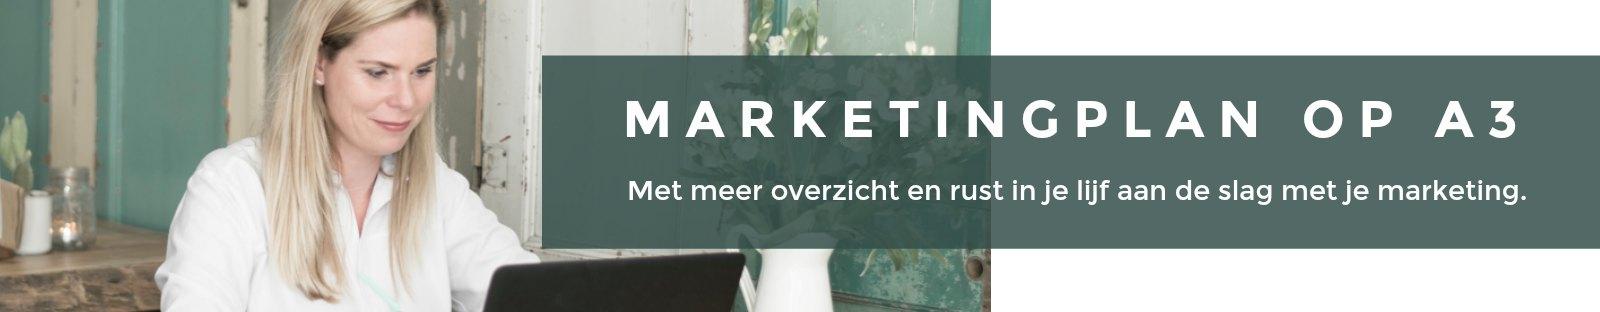 marketingplan-op-a3